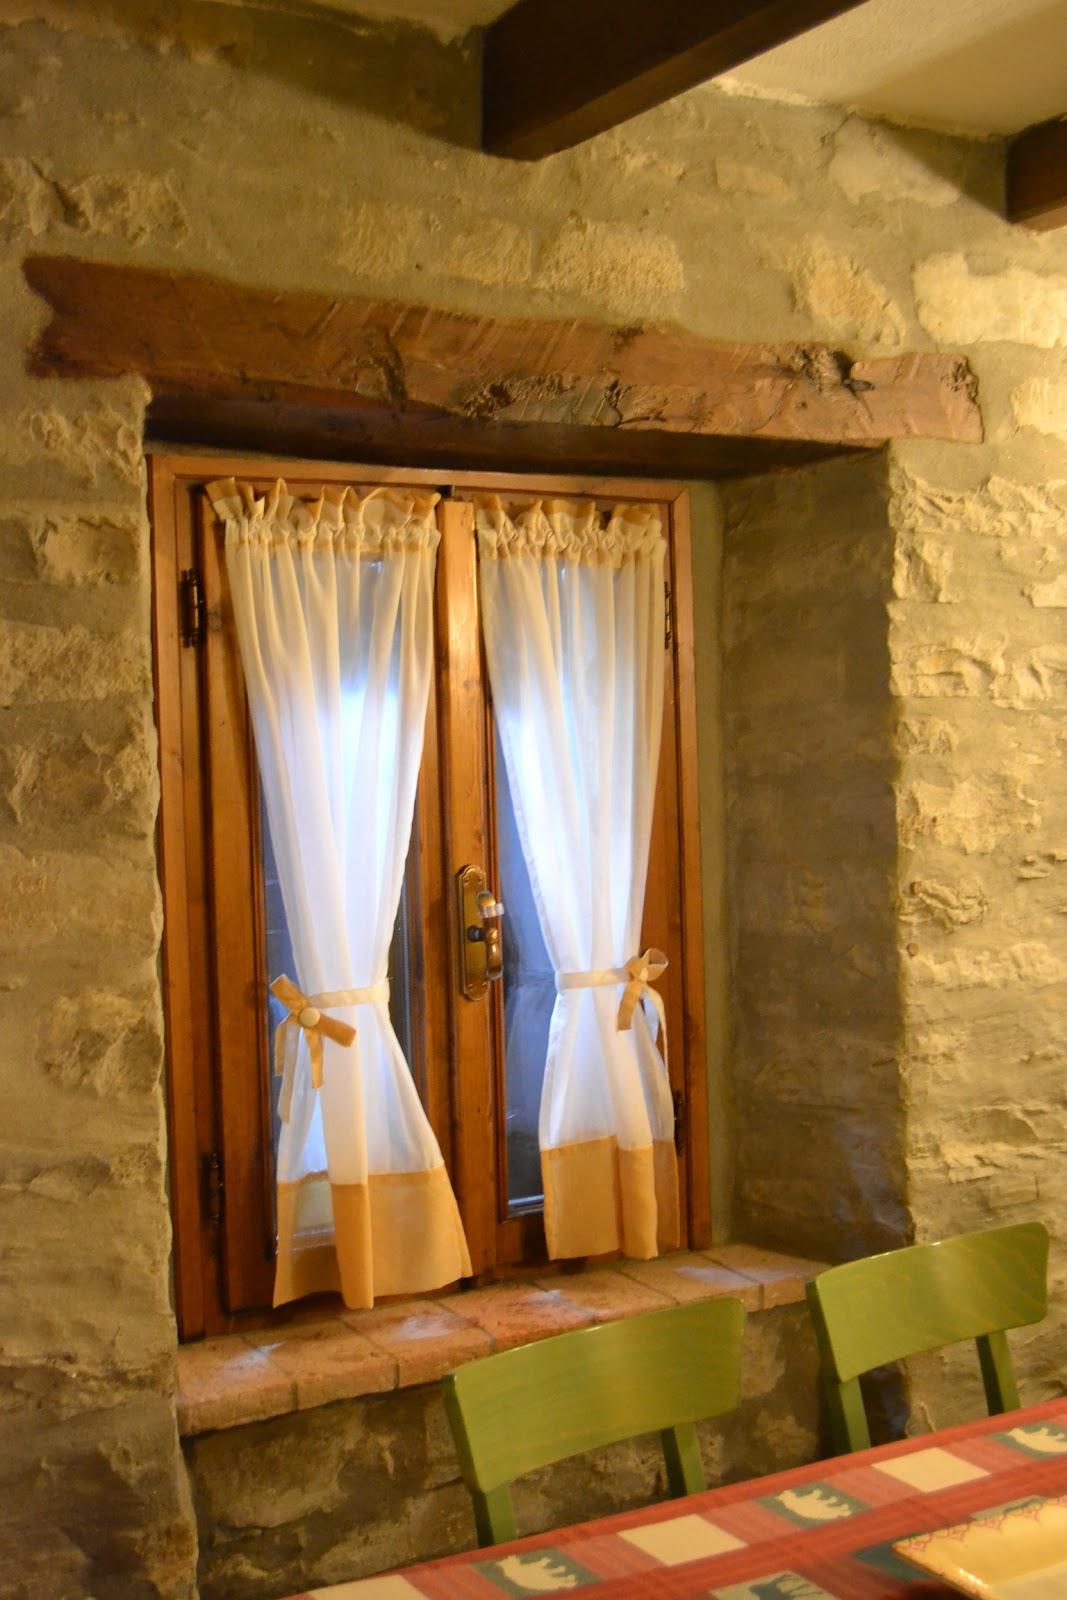 Tende con fiocchi e cuori in una deliziosa casa di montagna - Tende rustiche per cucina ...